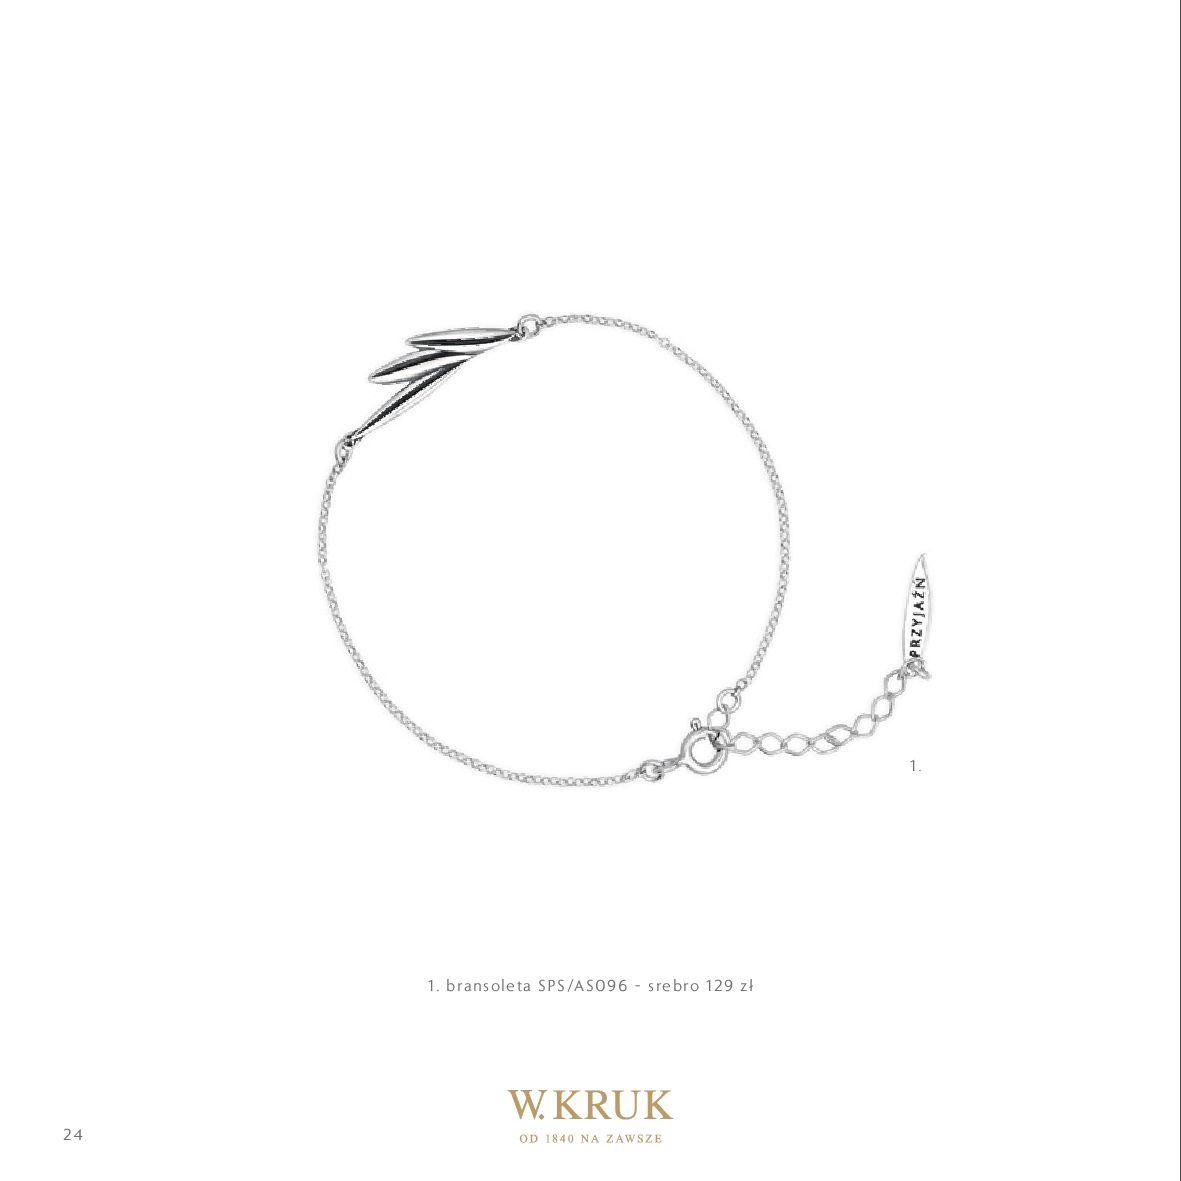 Gazetka W. KRUK: Katalog - Kolekcja Przyjaźń 2021-02-17 page-26